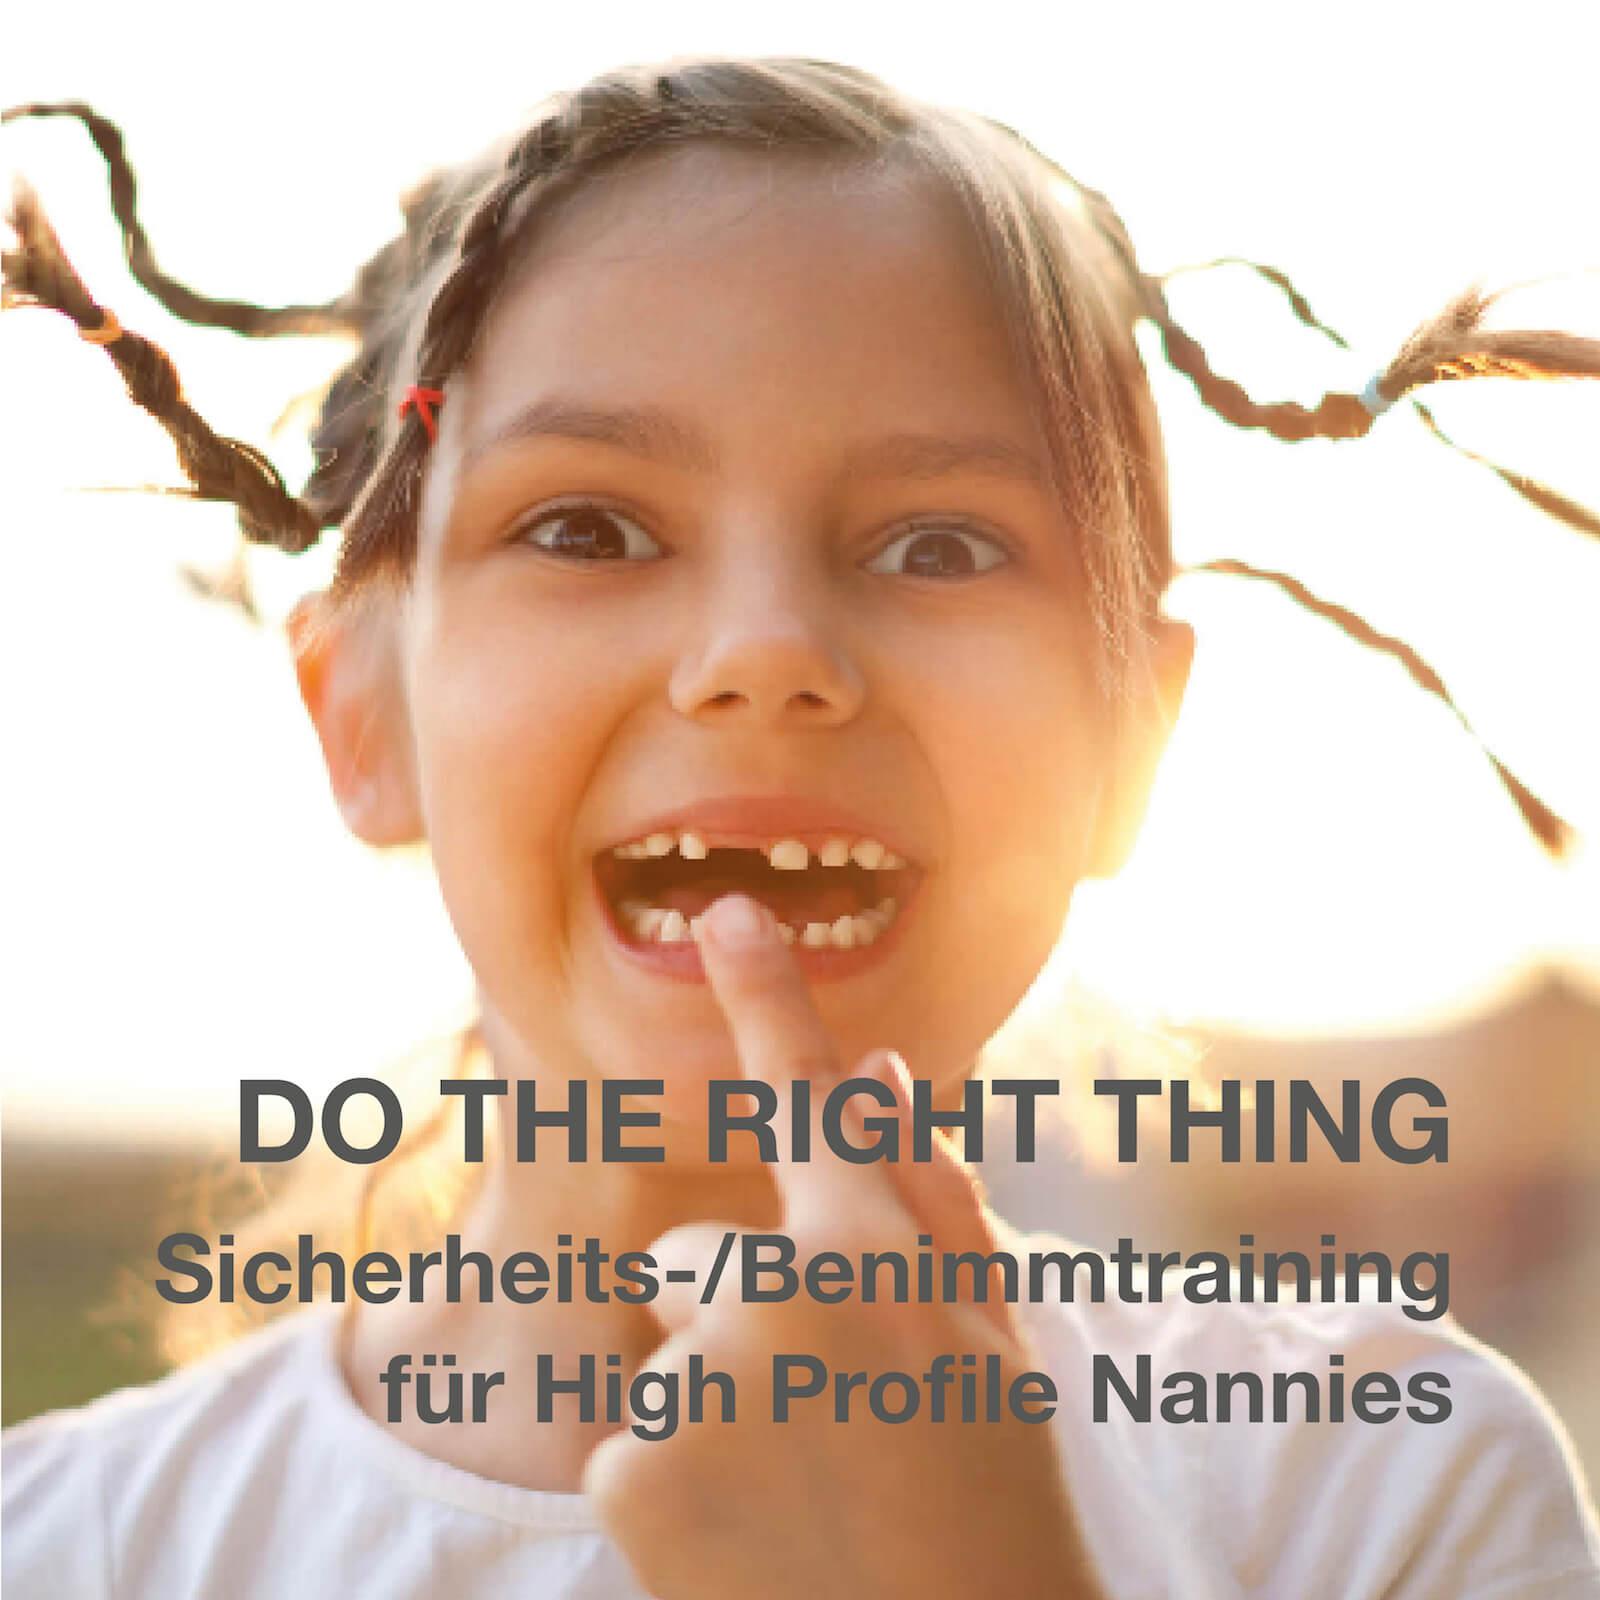 Sicherheitstraining/Benimmtraining für high profile Nannies im Privathaushalt.